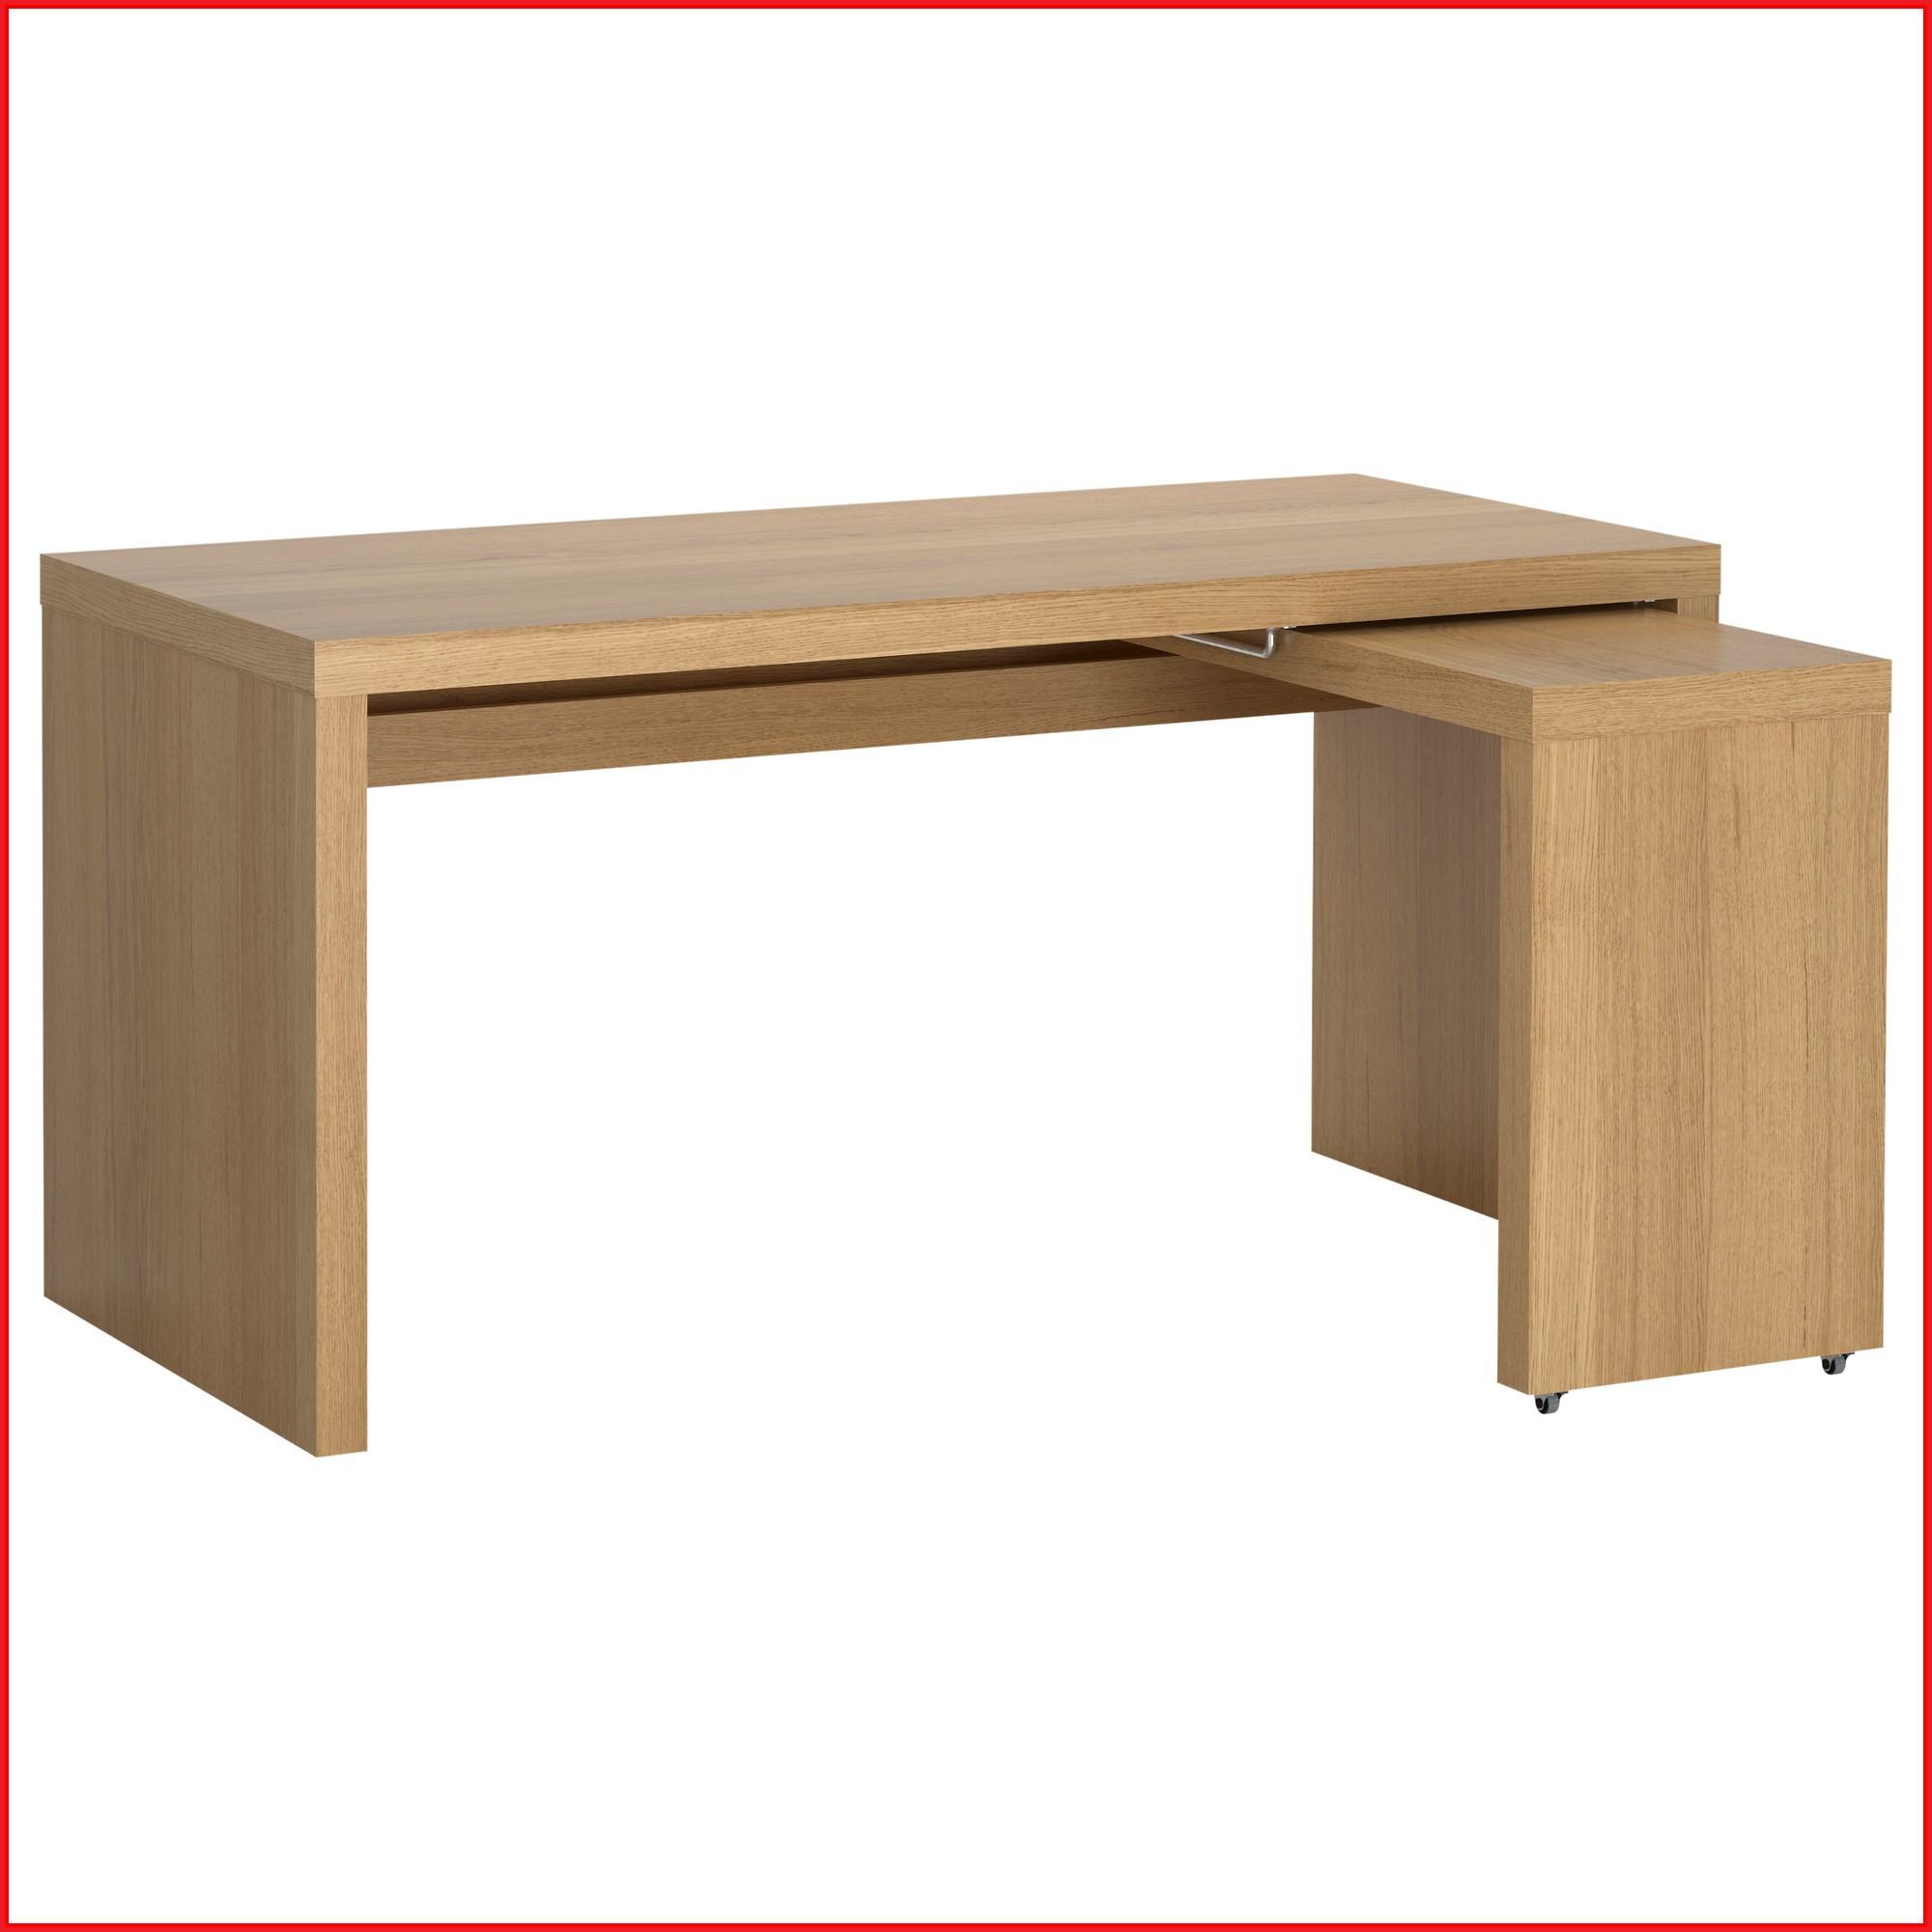 Ikea Mesas De Escritorio Bqdd Mesas Escritorio Diseà O Mesas Para ordenador Ikea Mesas